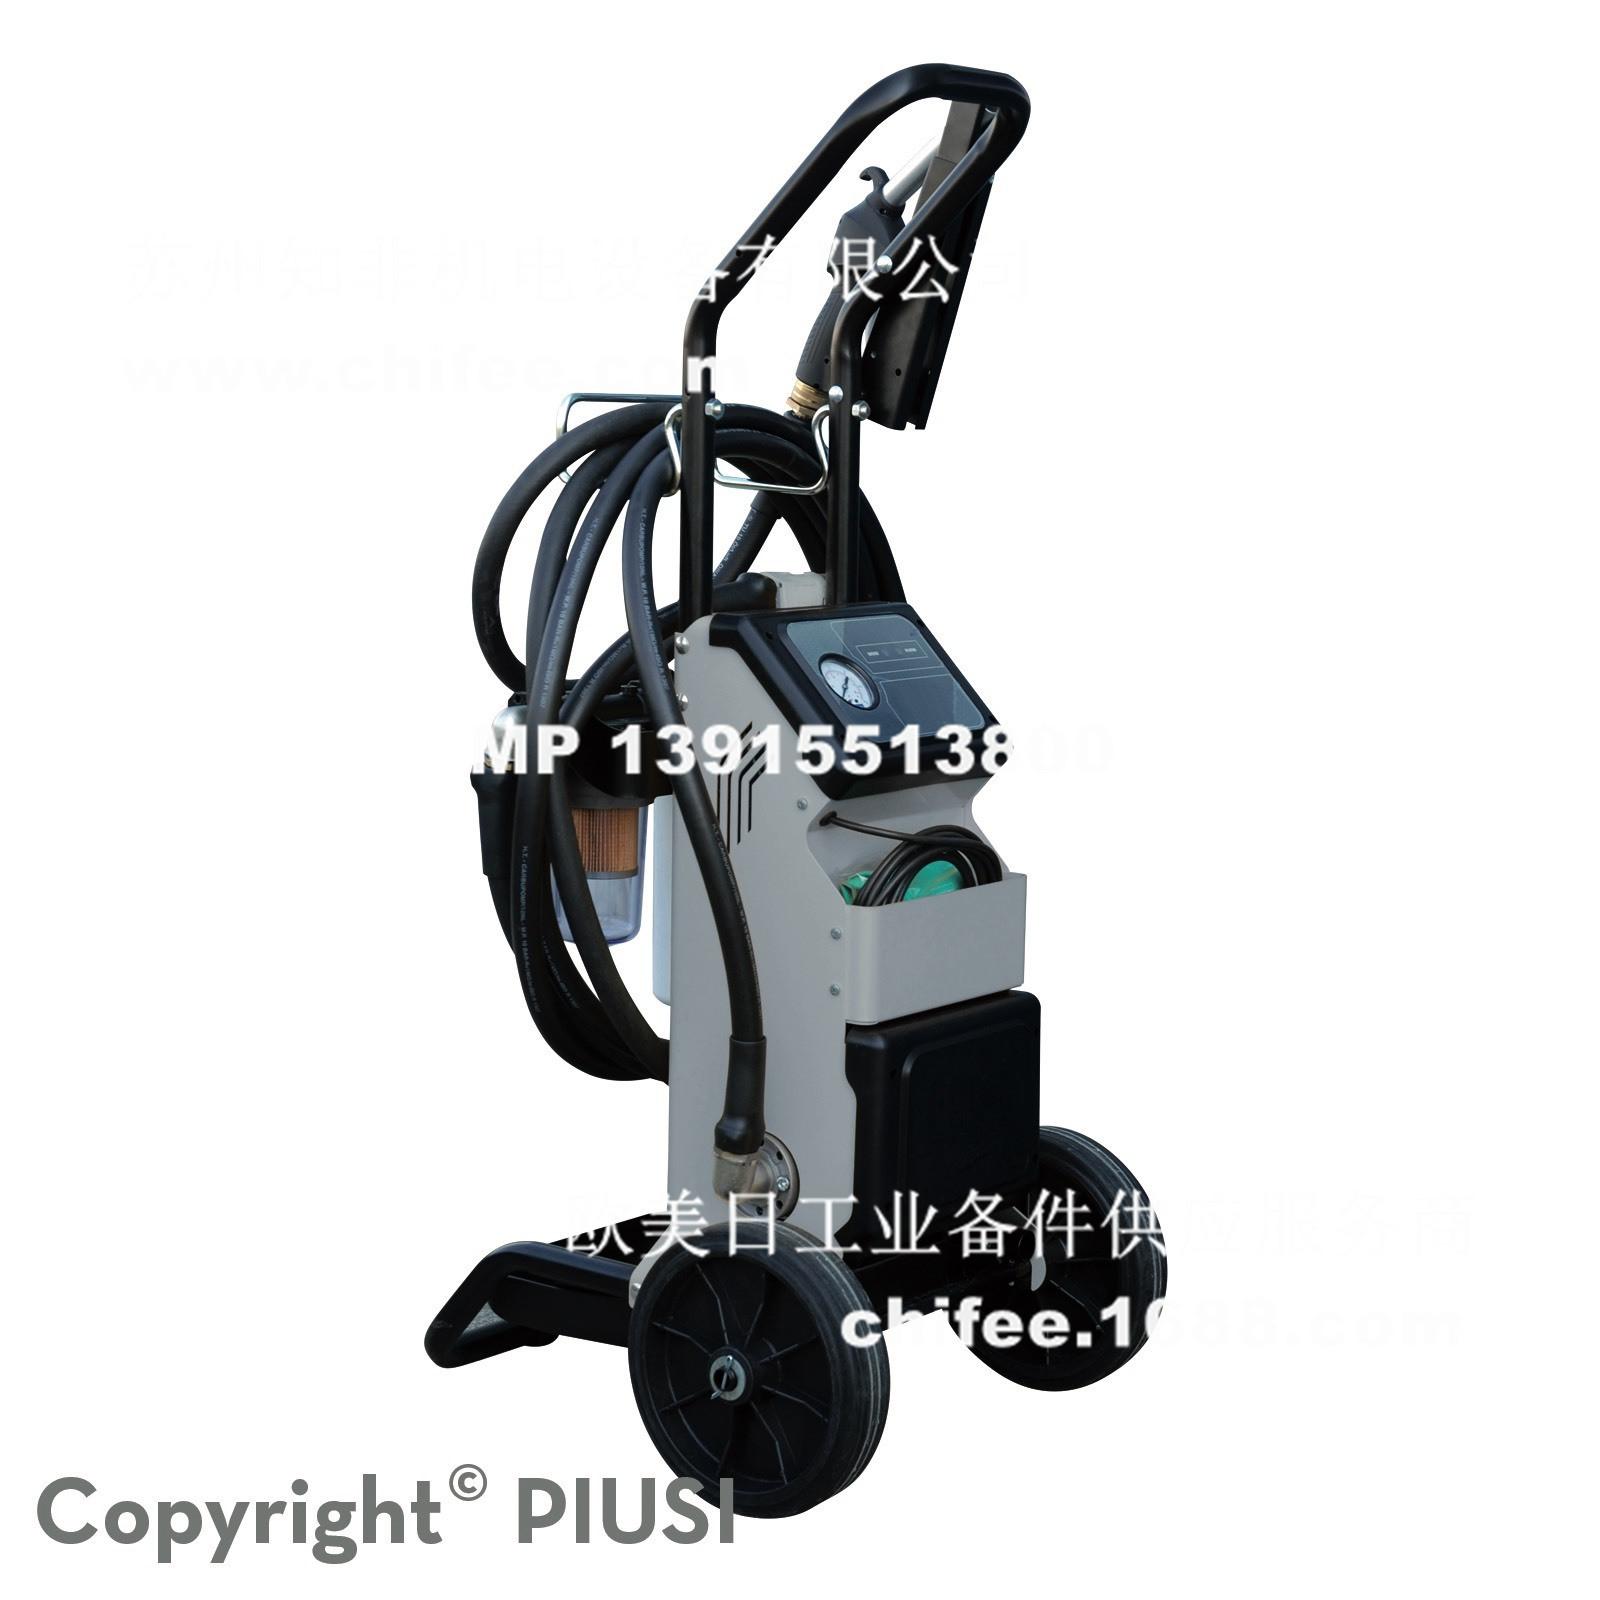 意大利派优仕PIUSI计量加油设备K24电子流量计K500在汽车修理厂及SB325尿素加注设备中的应用案例